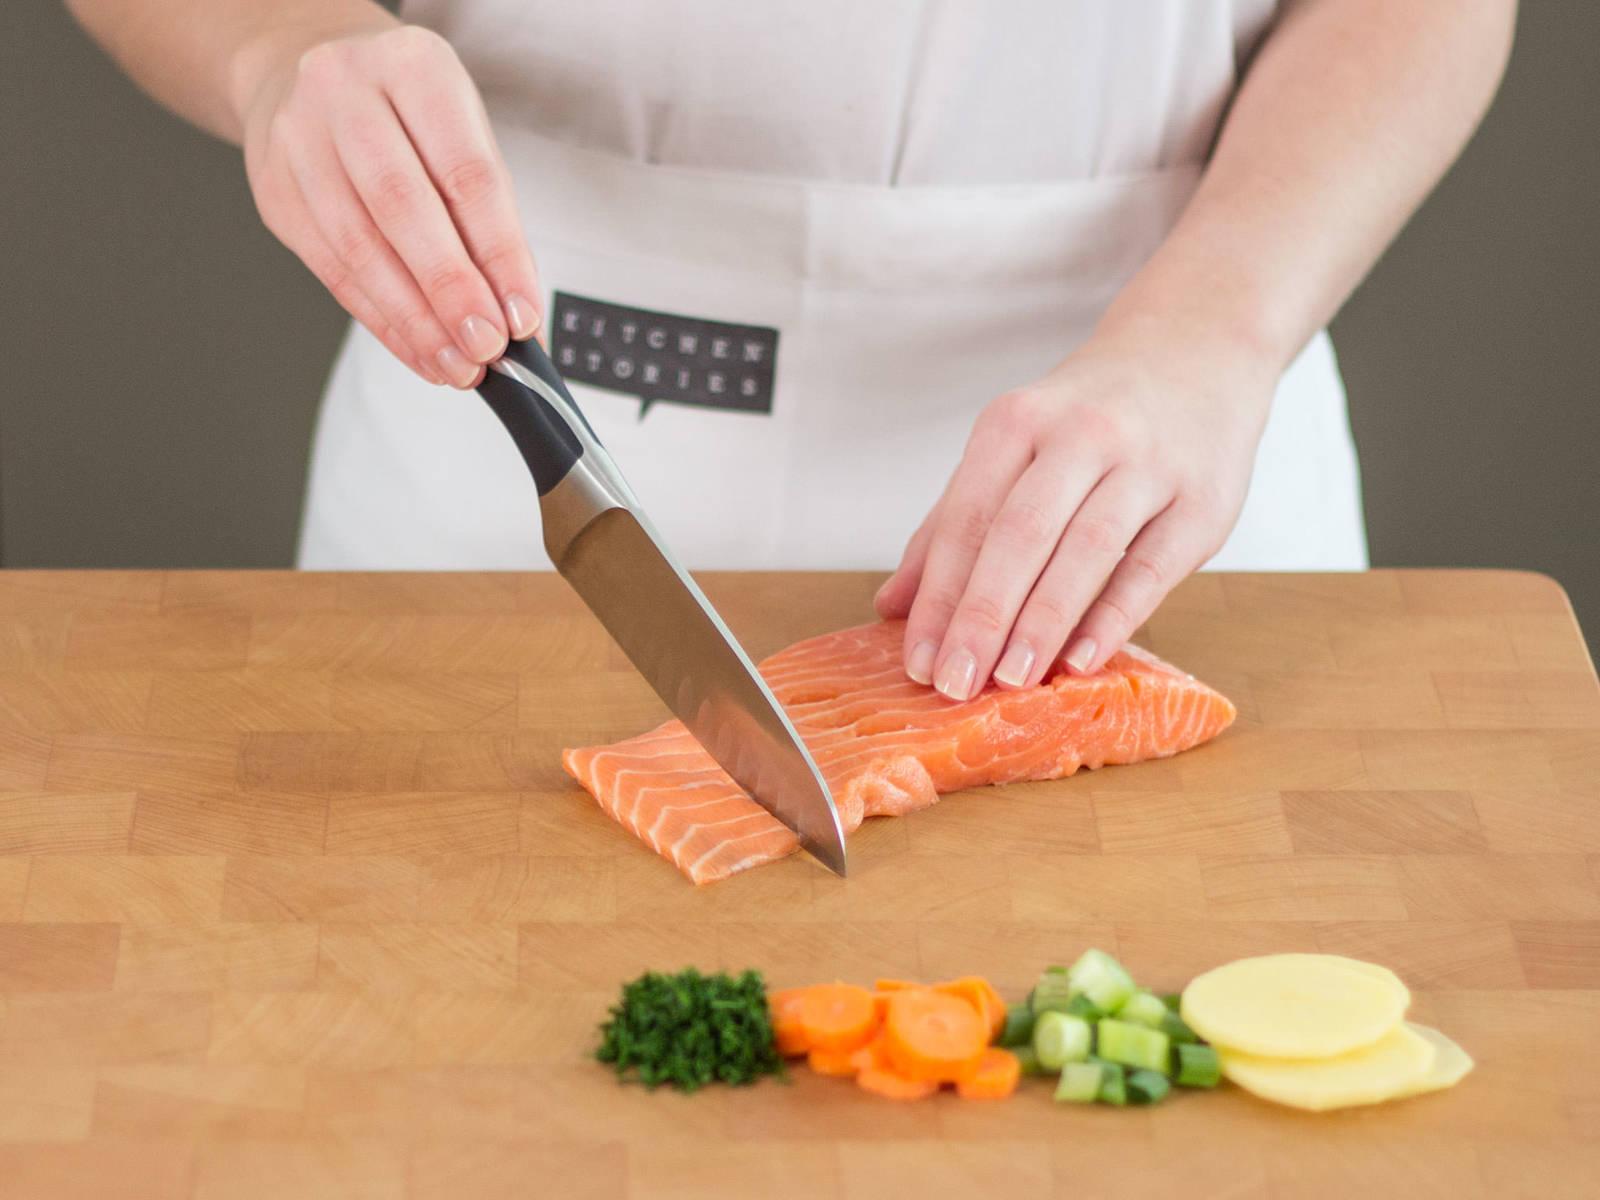 Backofen auf 200°C vorheizen. Kartoffeln schälen und in dünne Scheiden schneiden. Frühlingszwiebel diagonal in Ringe schneiden. Dill und Petersilie fein hacken. Karotten in mundgerechte Stücke schneiden. Knoblauch fein schneiden. Kabeljau und Lachs von ihrer Haut befreien und in mundgerechte Stücke schneiden. Bringt Wasser in einem großen Topf zum Kochen und kocht Kartoffel- und Karotten-Stücke ca. 5 Minuten lang vor. Gießt danach das Wasser ab.